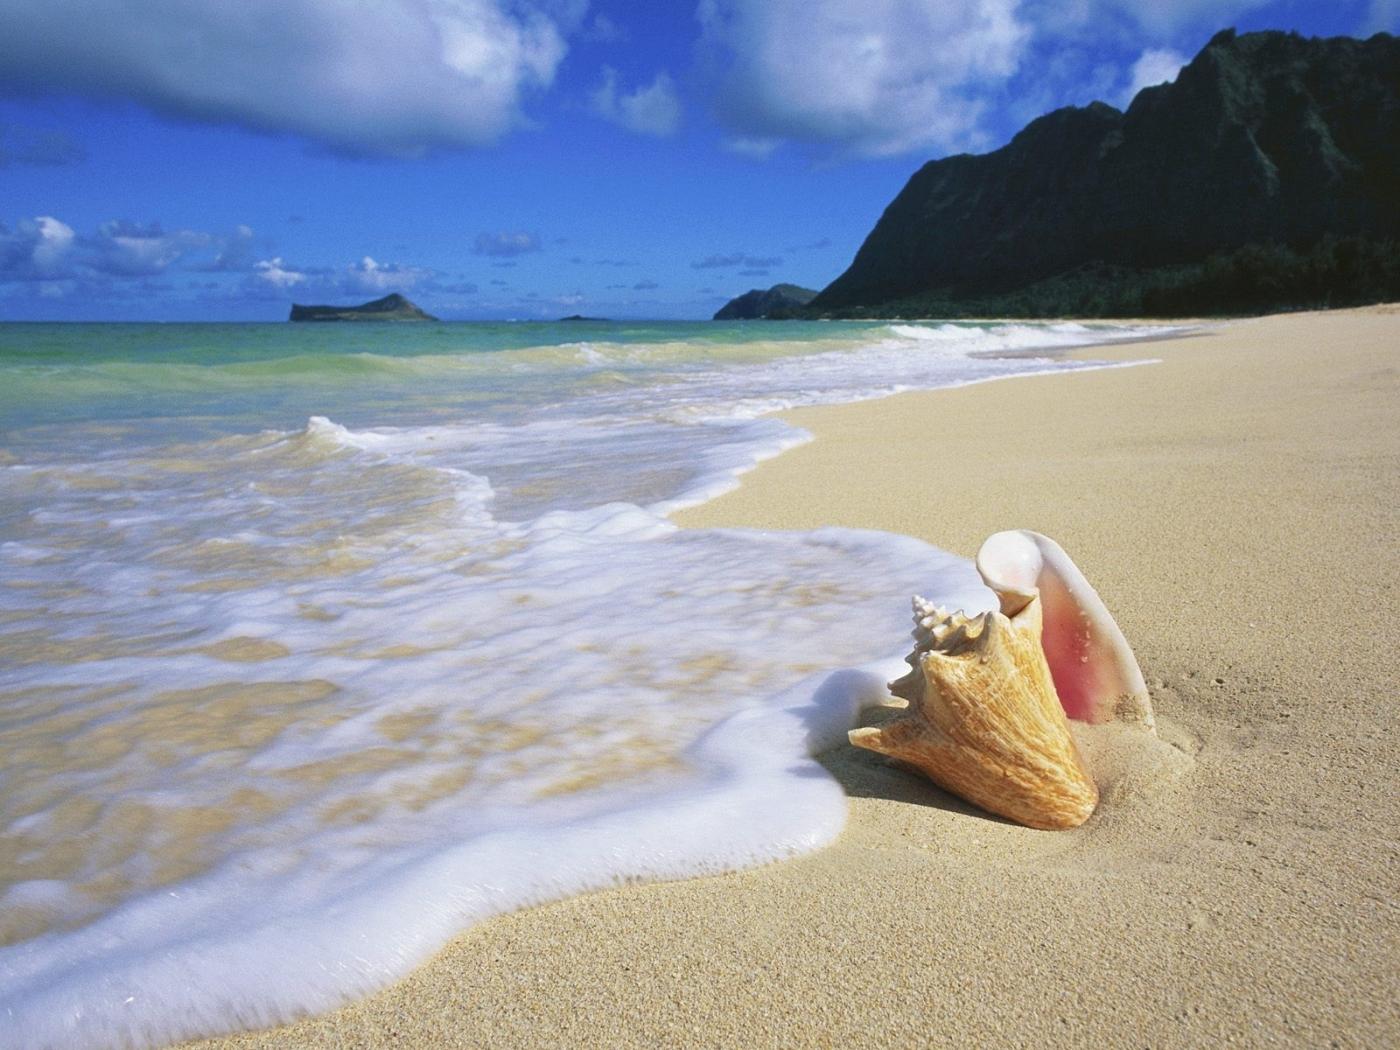 26909 免費下載壁紙 景观, 海, 海滩, 壳 屏保和圖片